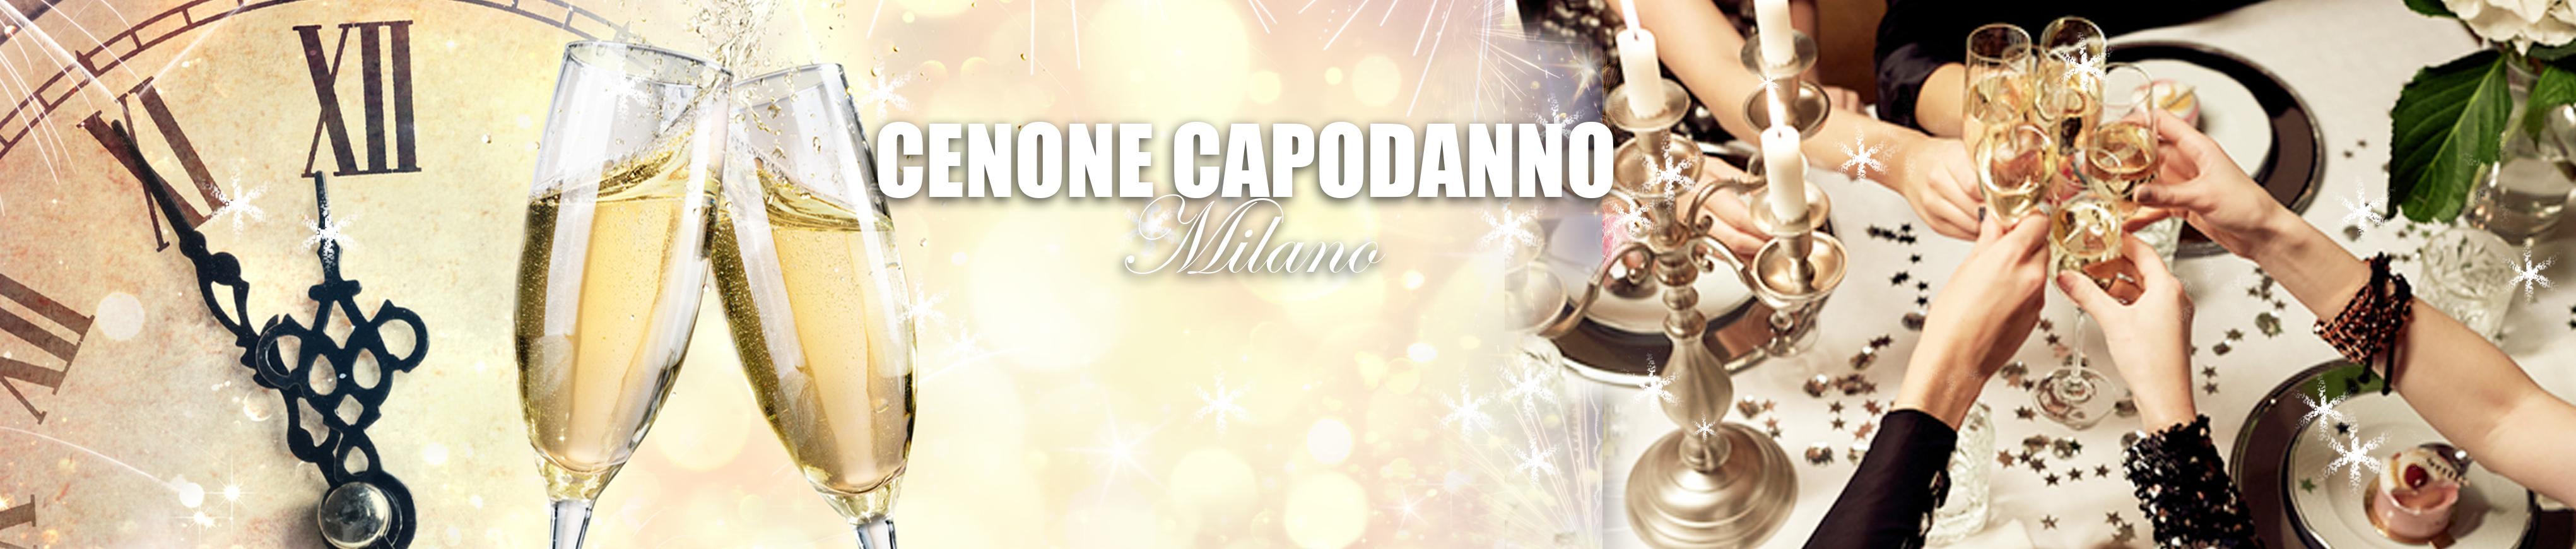 Cenone Capodanno Milano